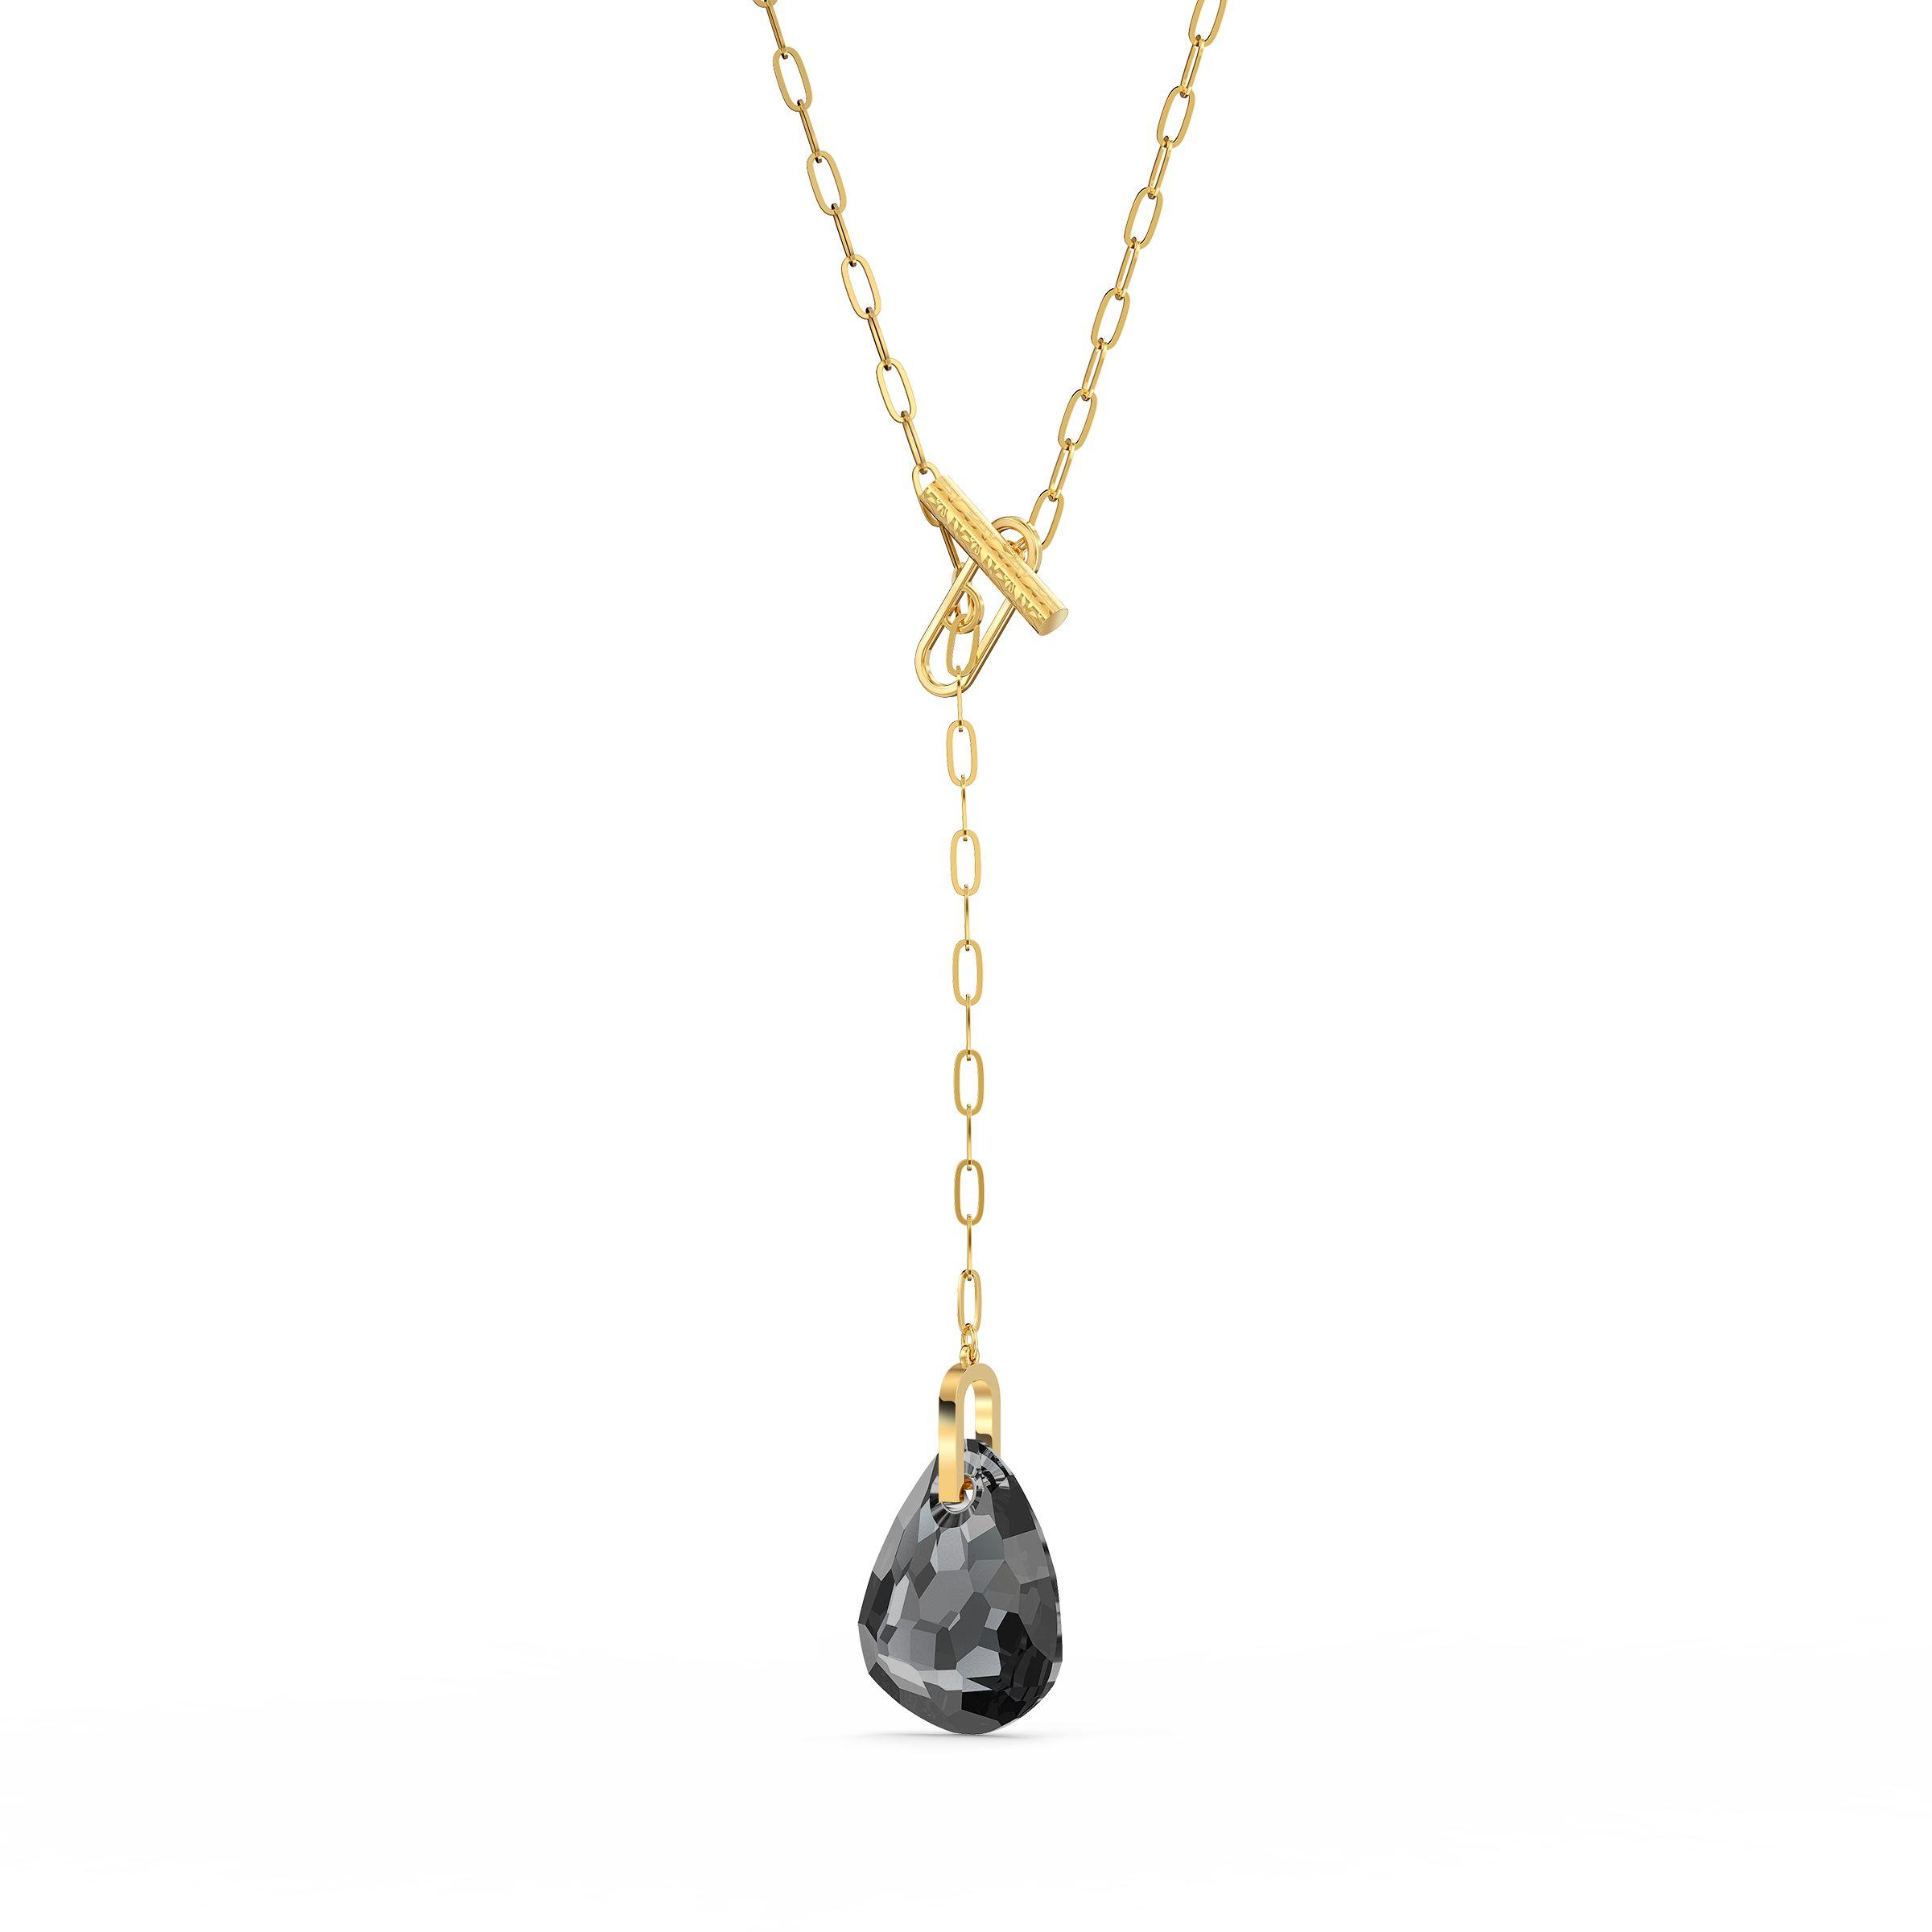 Collier en Y T Bar, gris, métal doré, Swarovski